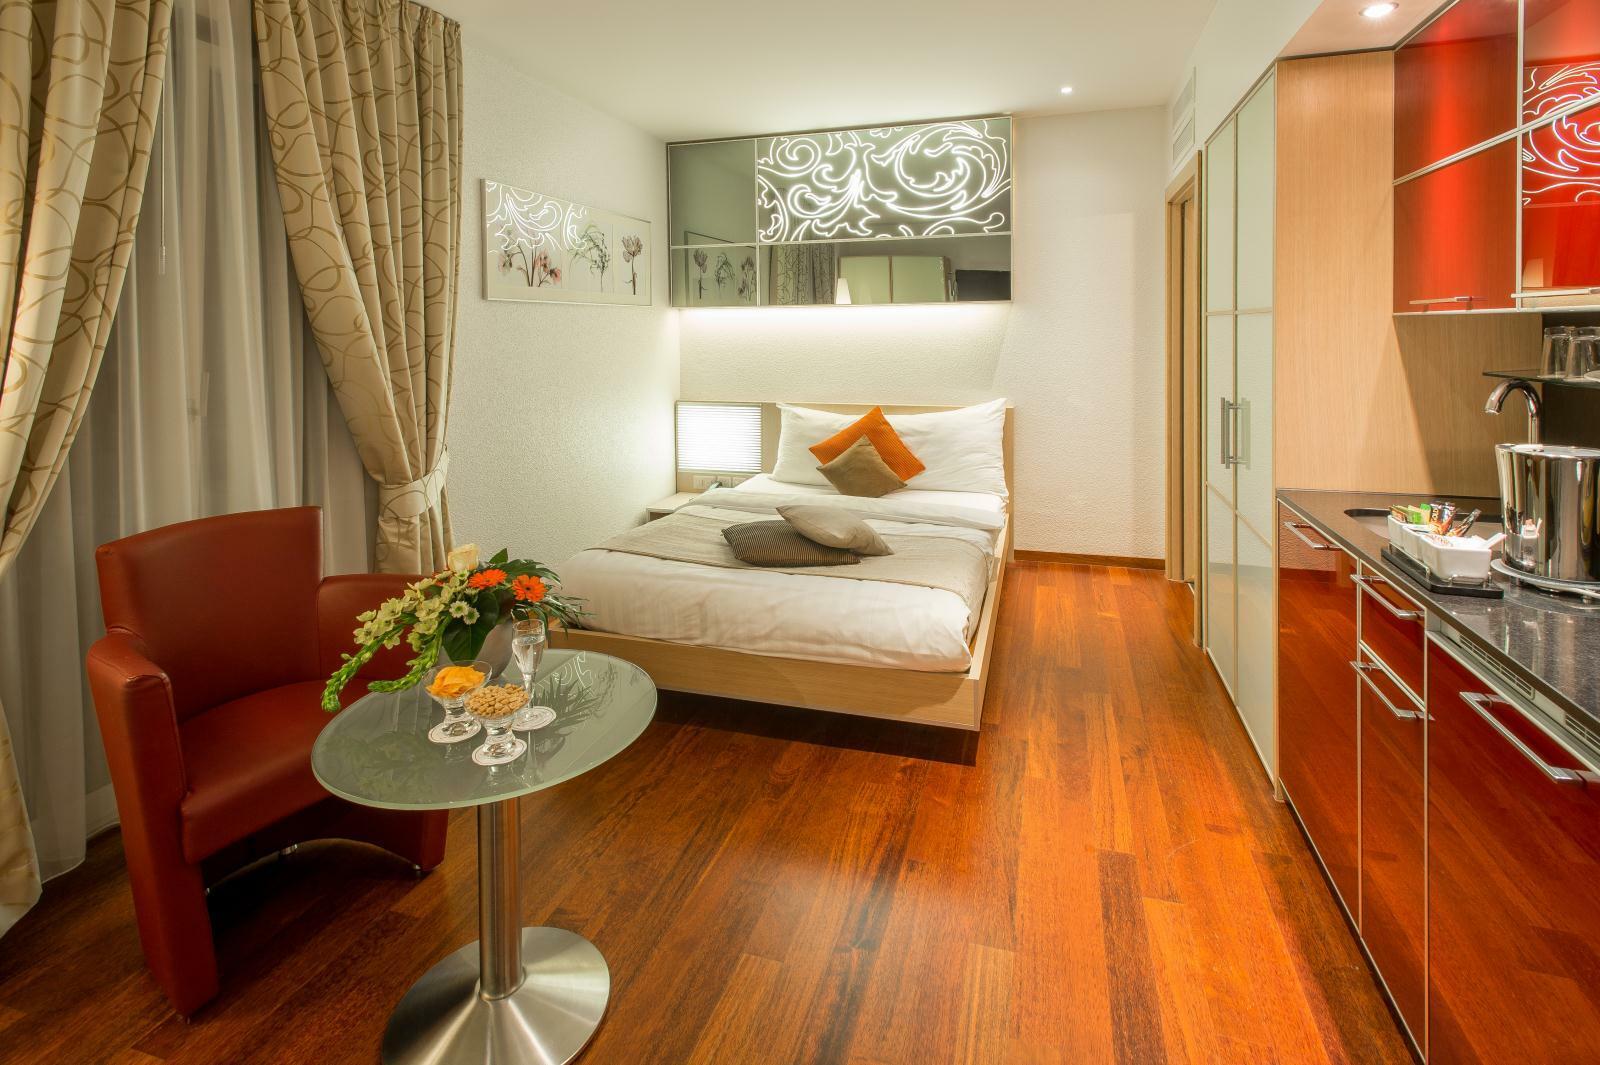 Single Room at Hotel Krone Unterstrass in Zurich